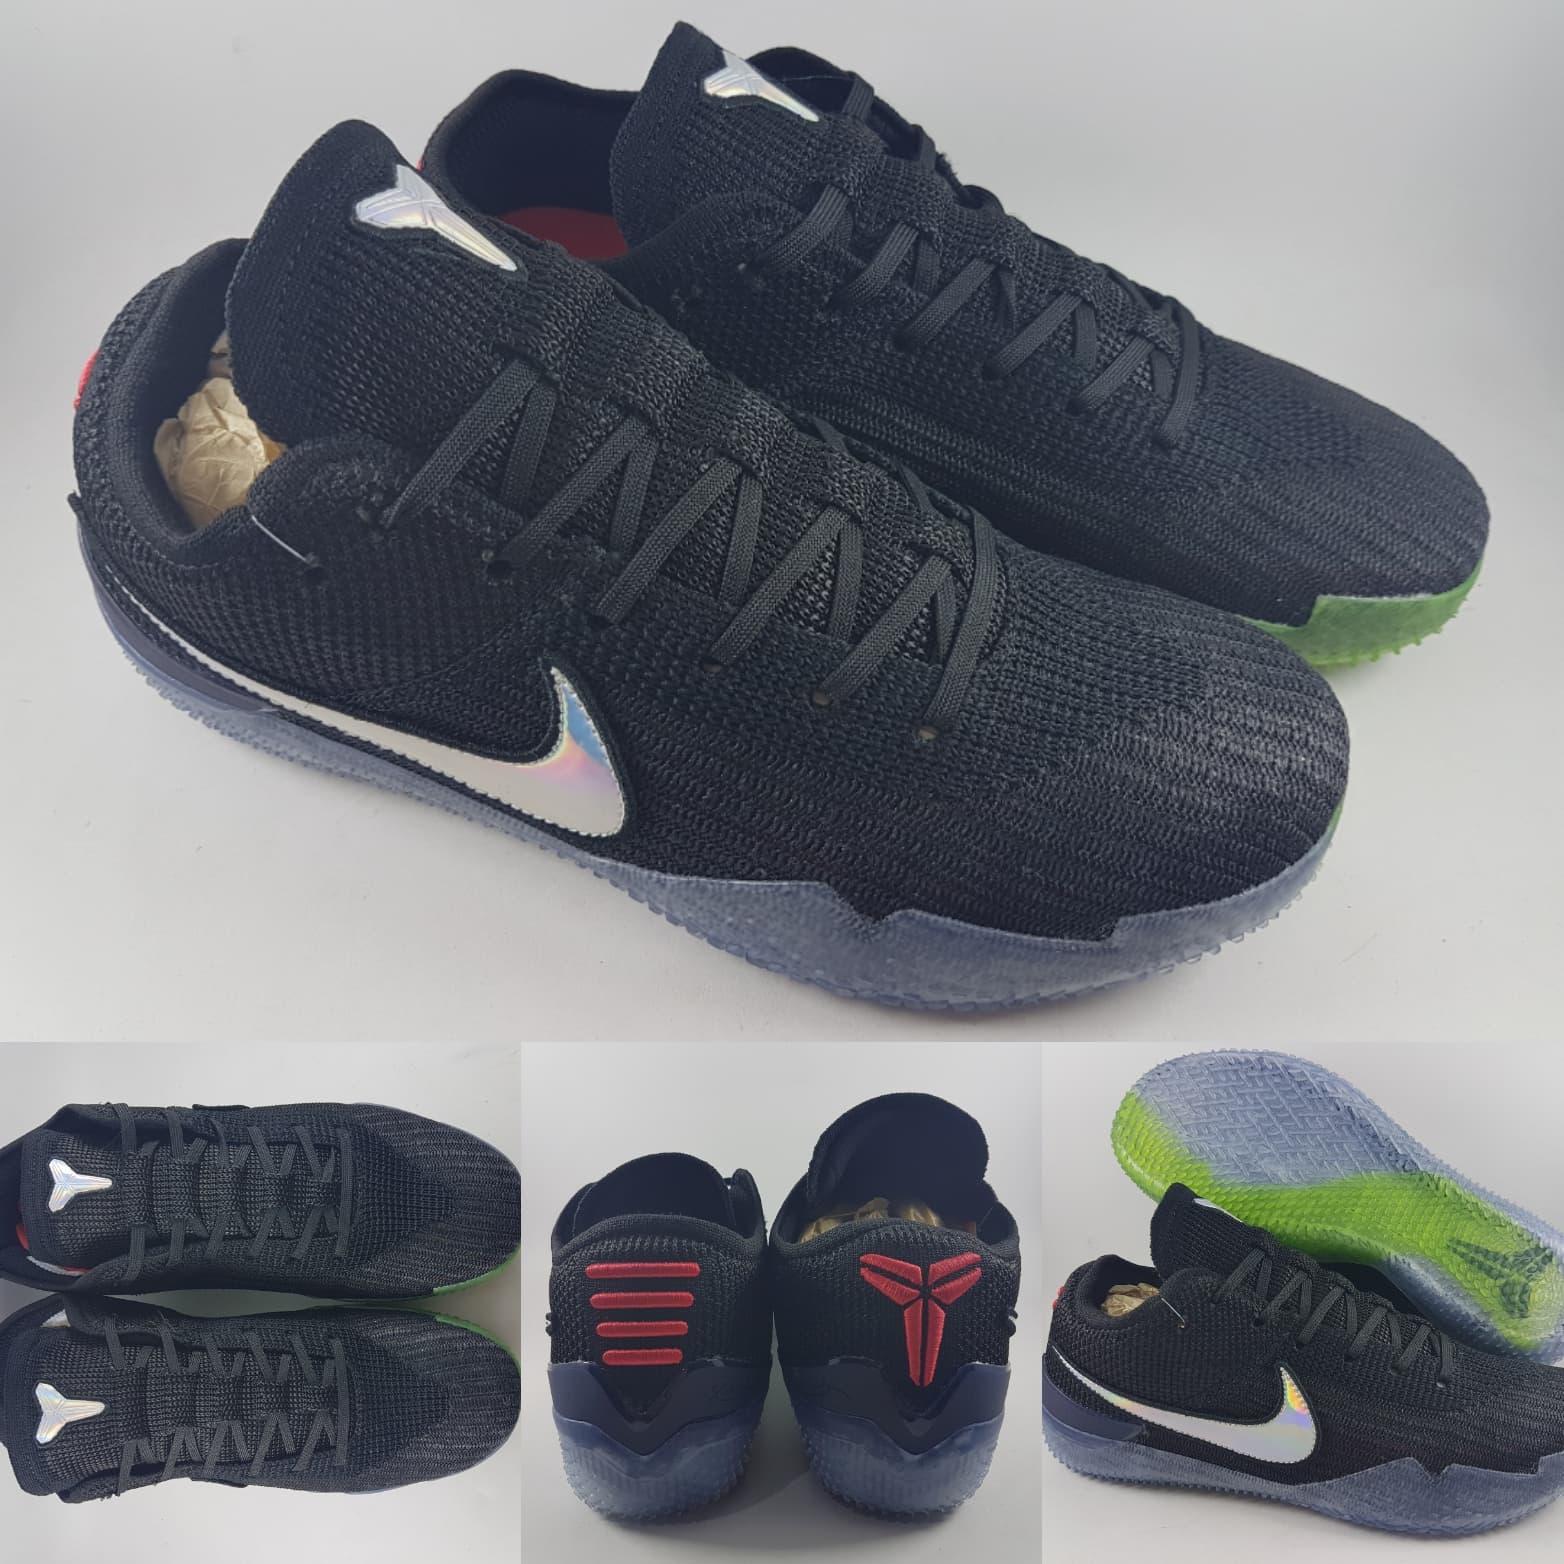 HEMAT Sepatu Basket Nike Kobe AD NXT 360 Mamba Day Black Green Hitam db7f25f4d8